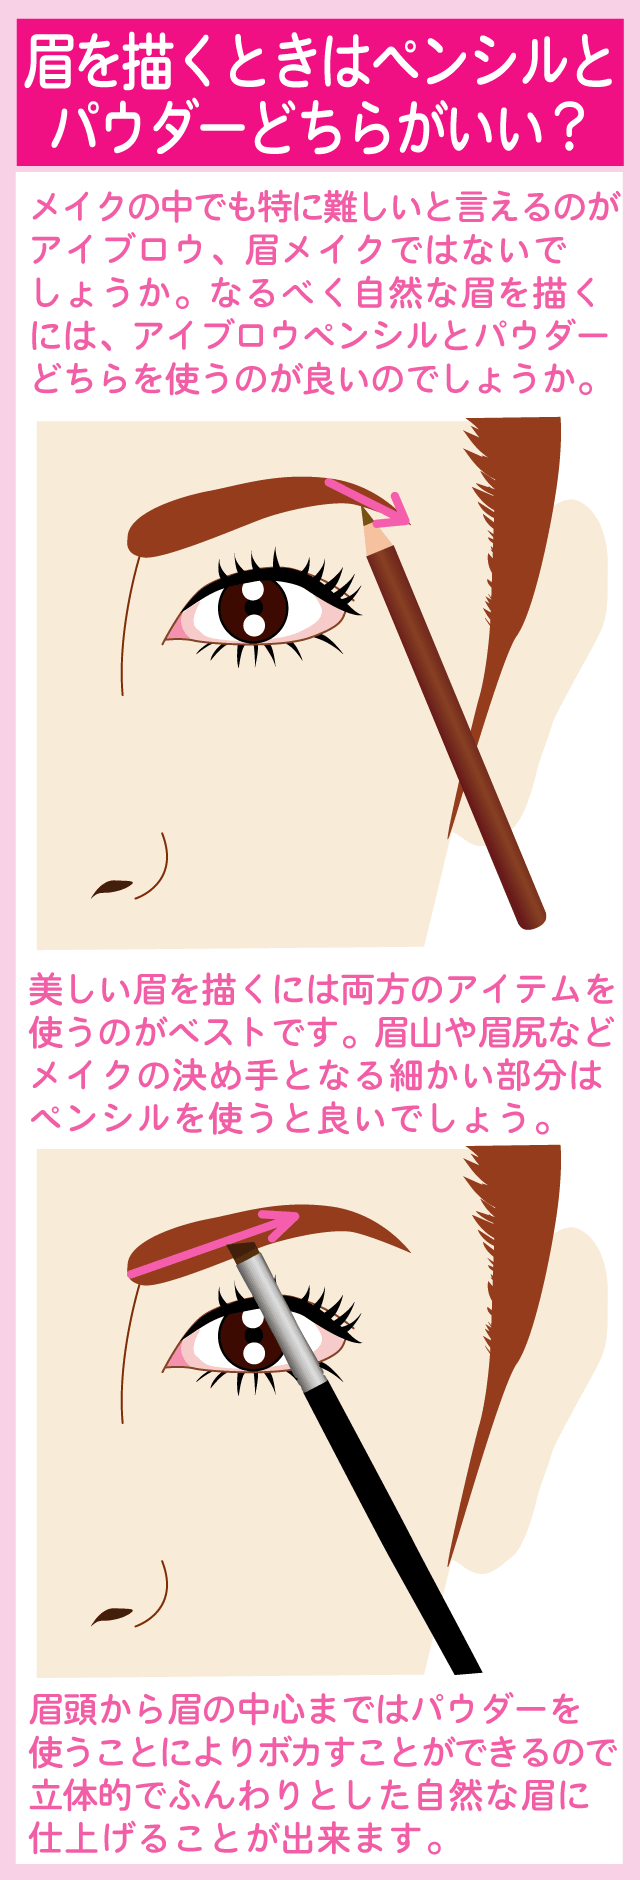 眉メイクはペンシルとパウダーどちらを使うのがいい?